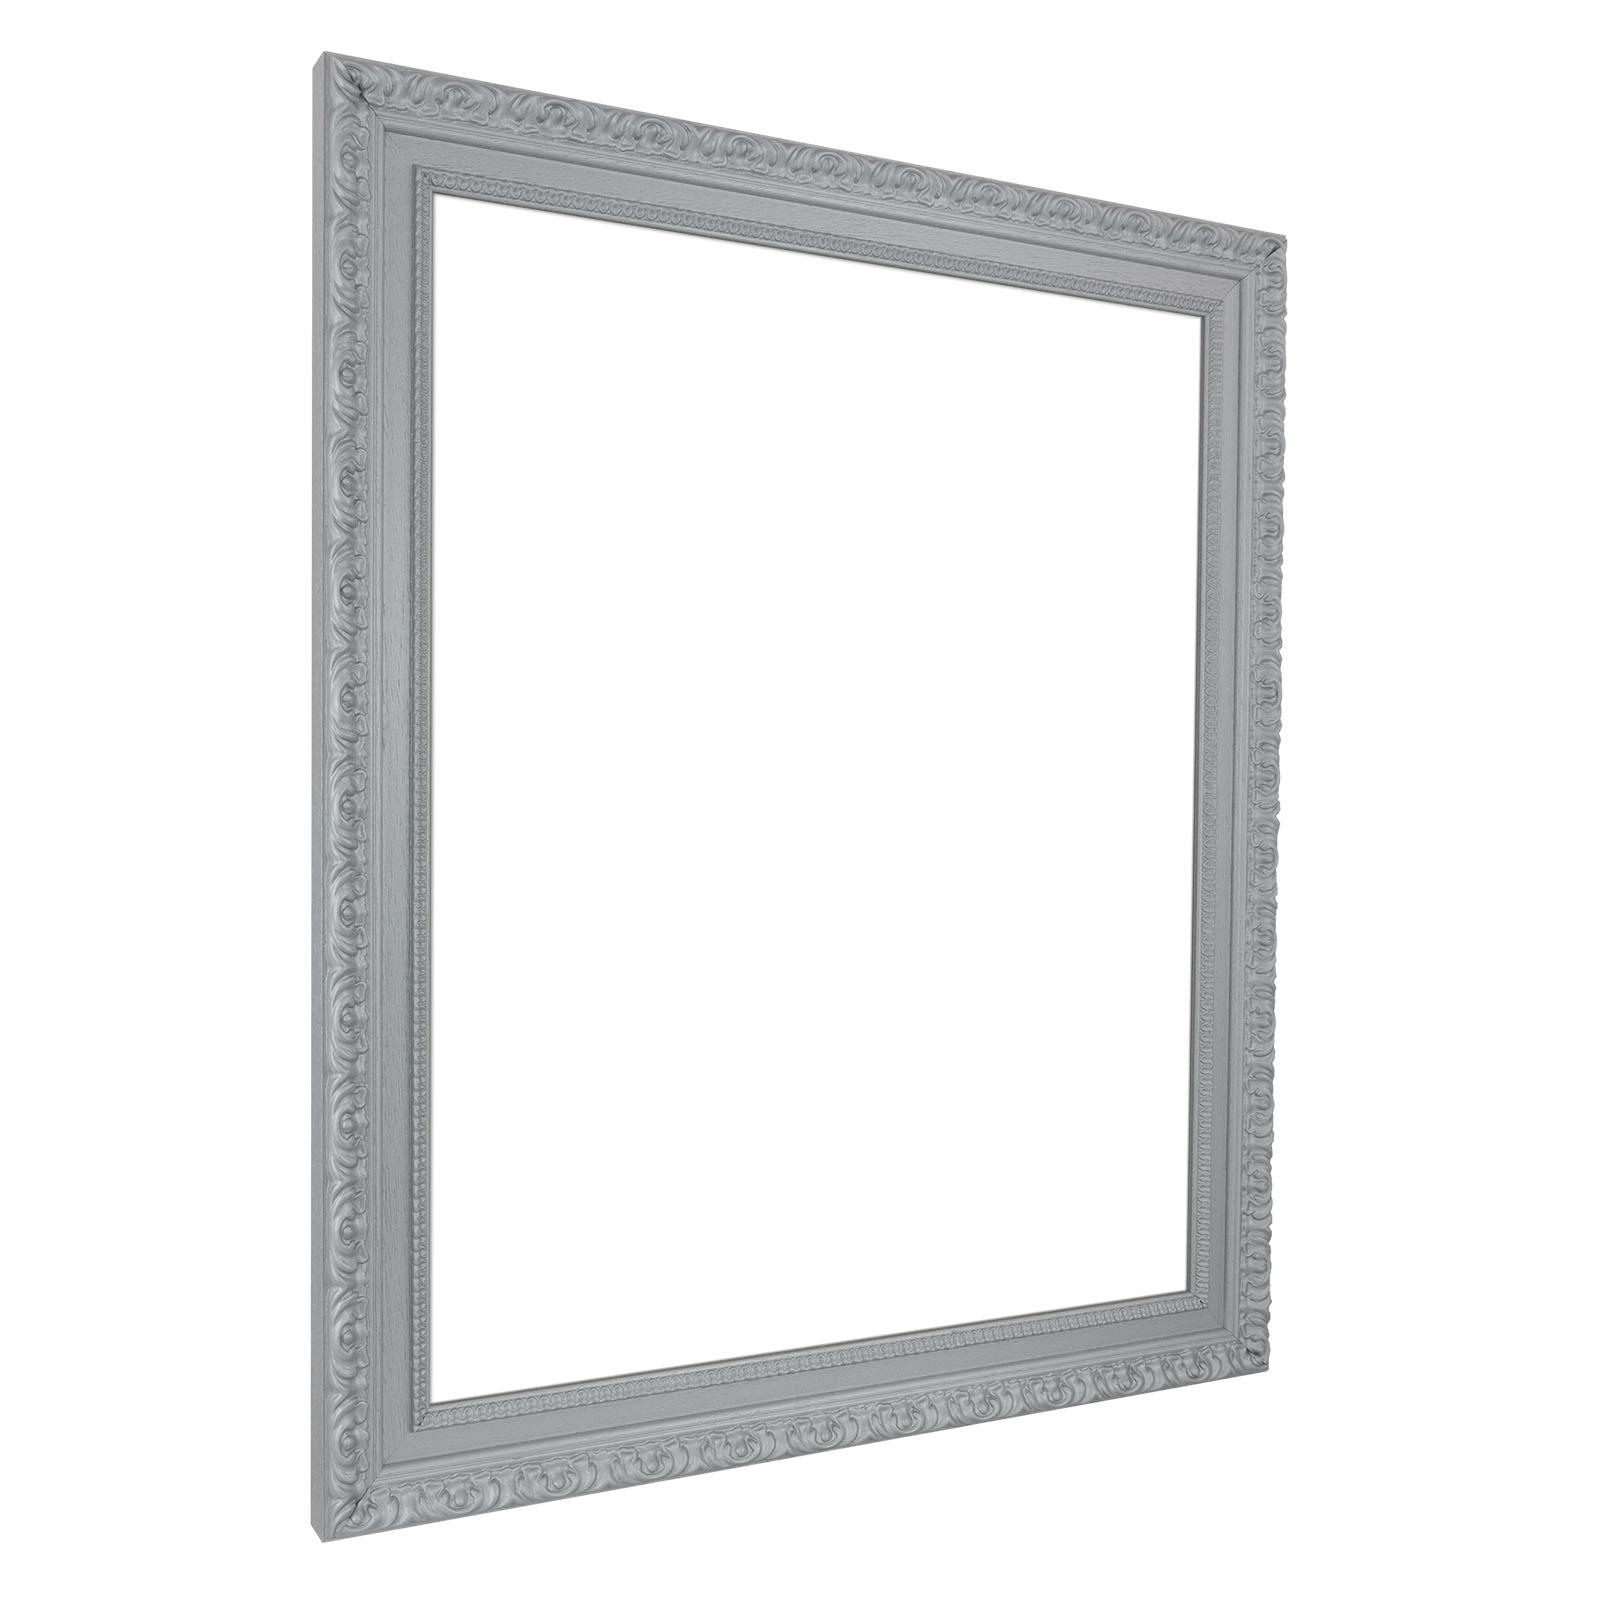 Neu Wand Spiegel Rahmen 70 X 100 in Schwarz Weiß Silber Gold aus Holz  US36